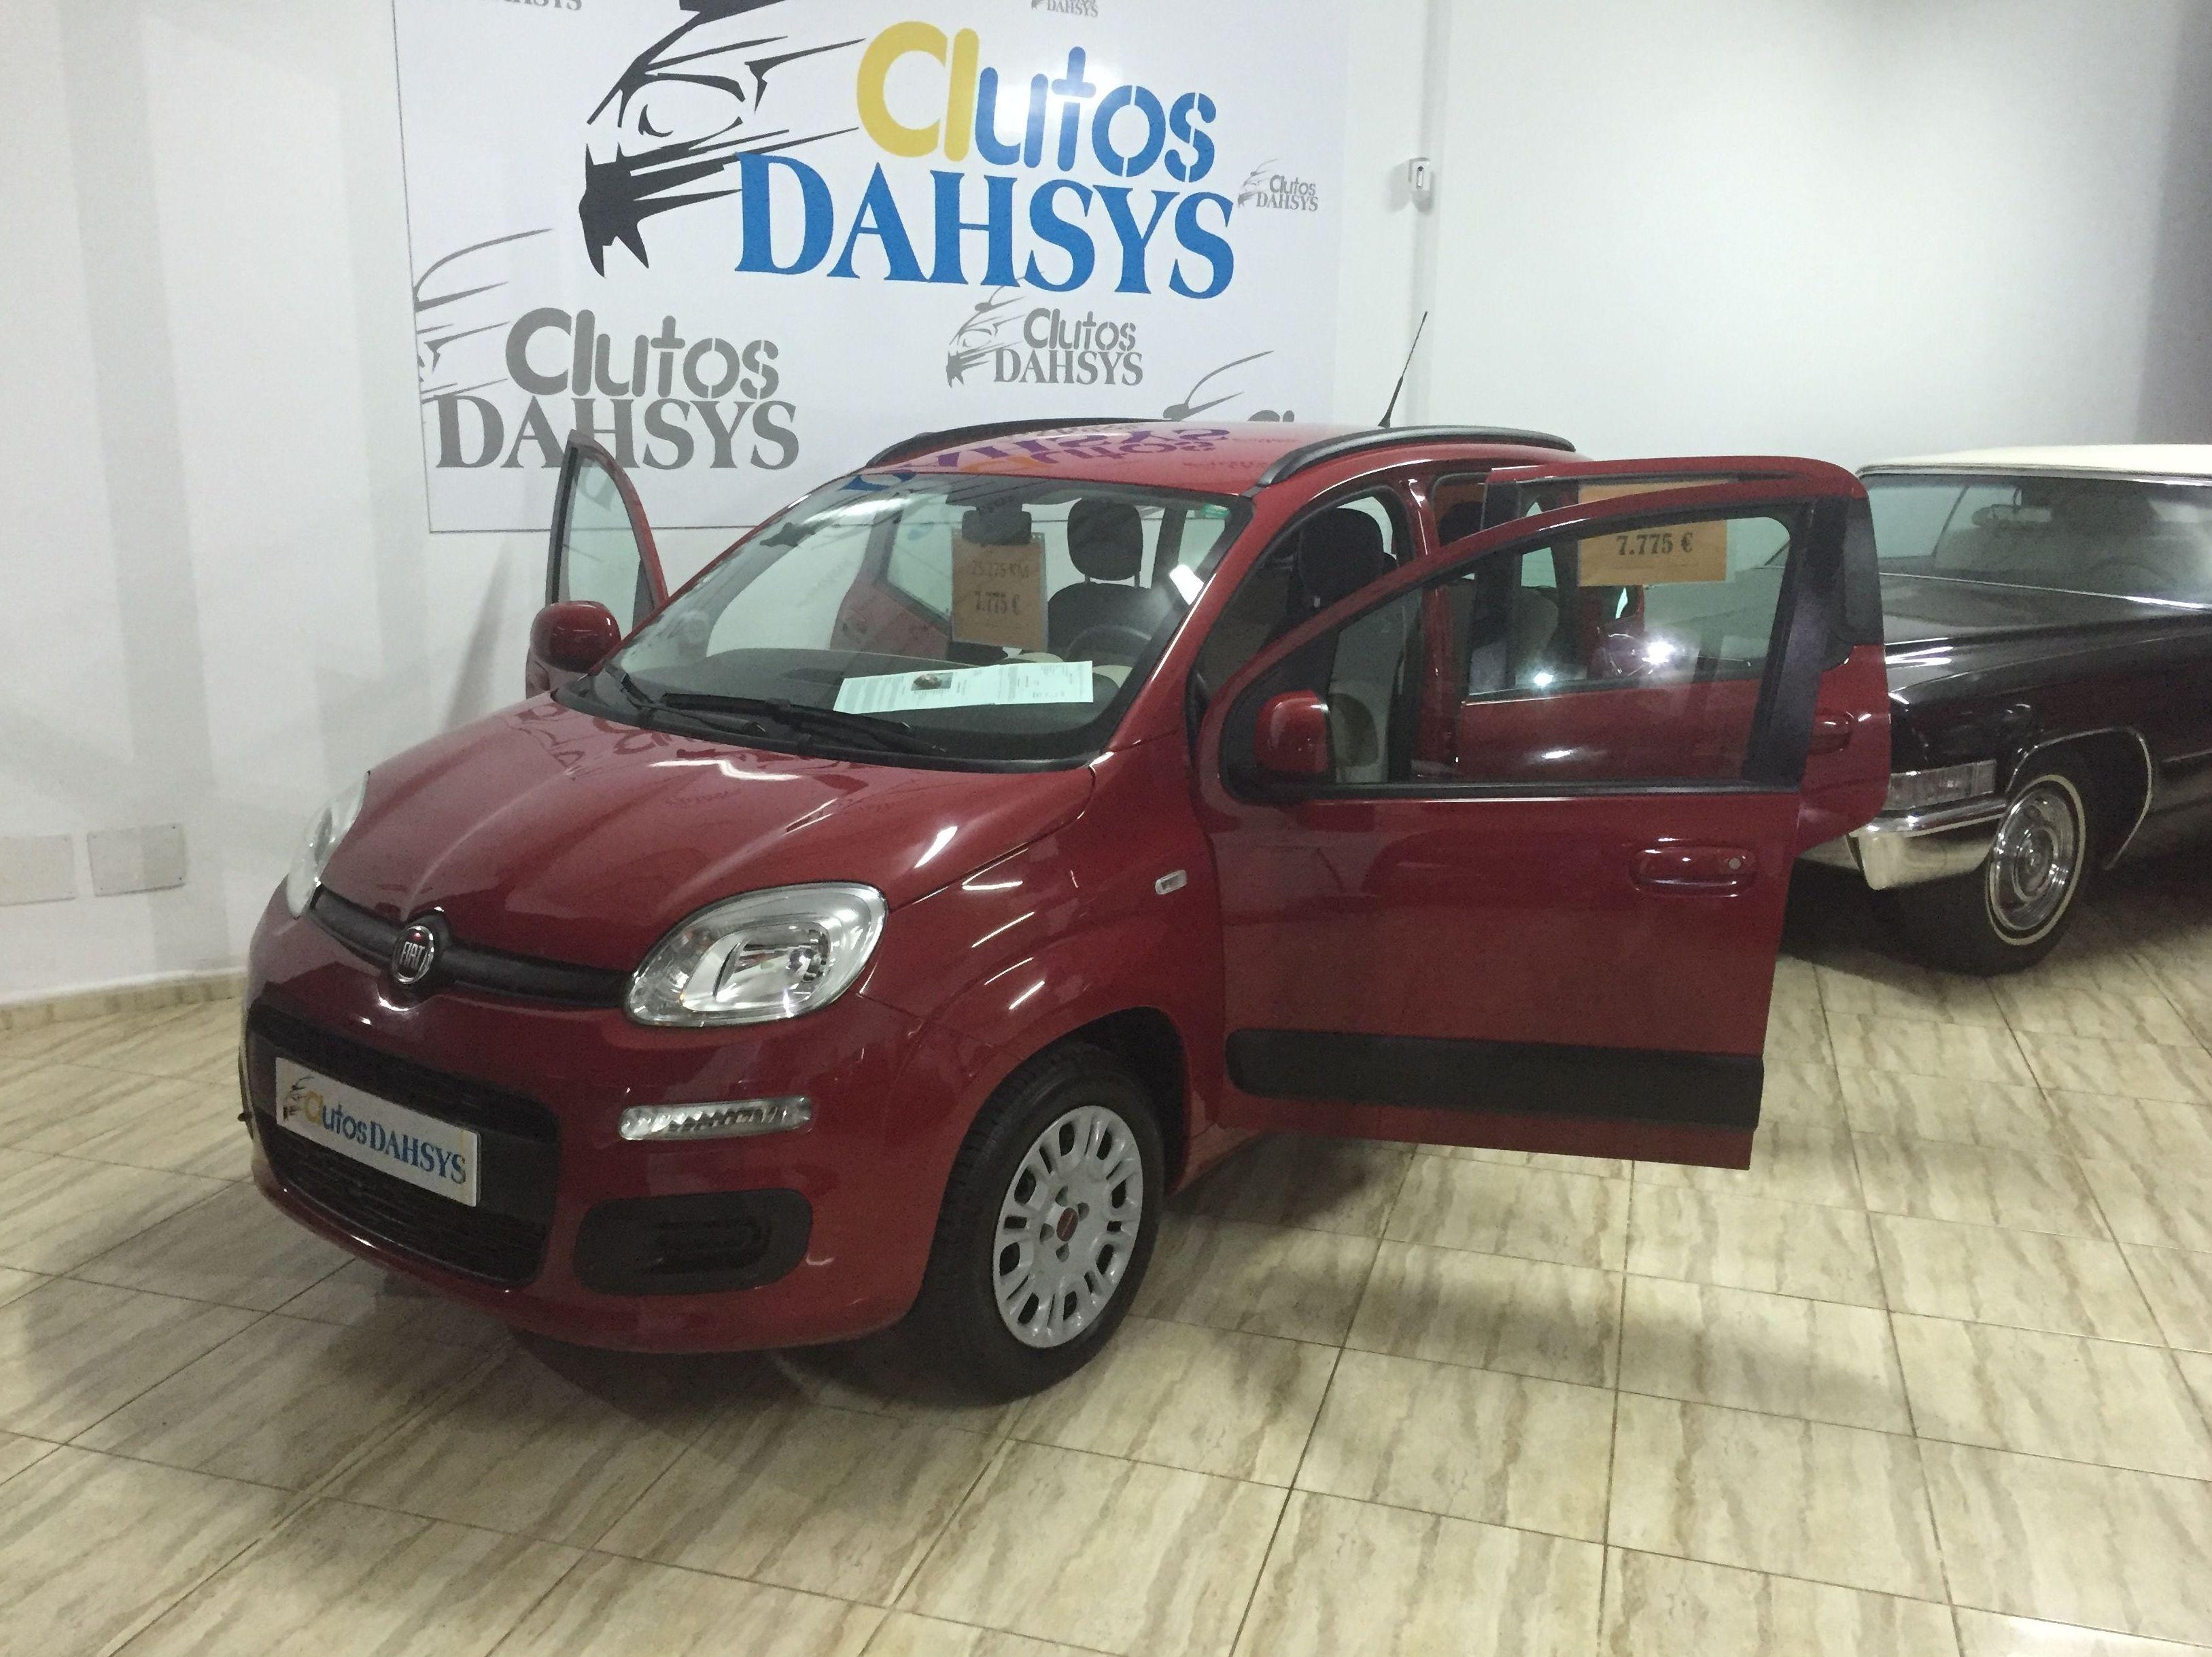 Foto 184 de Talleres de automóviles en Tacoronte | Centro Auto Dahsys